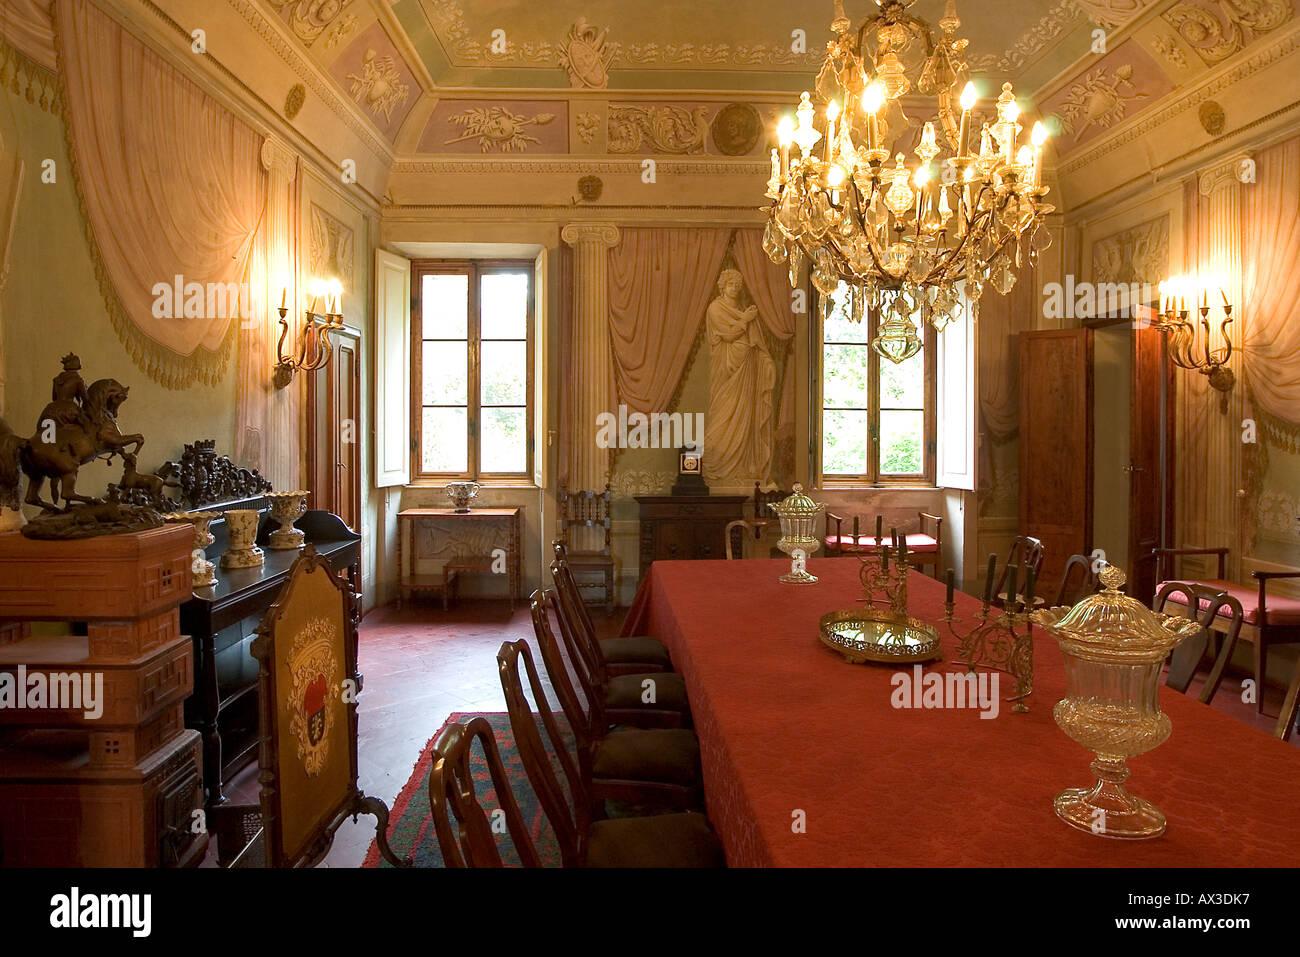 Esszimmer In Einer Reich Verzierten Italienischen Villa In Der Toskana Mit  Antiken Möbeln, Kronleuchter Und Hohen Decken